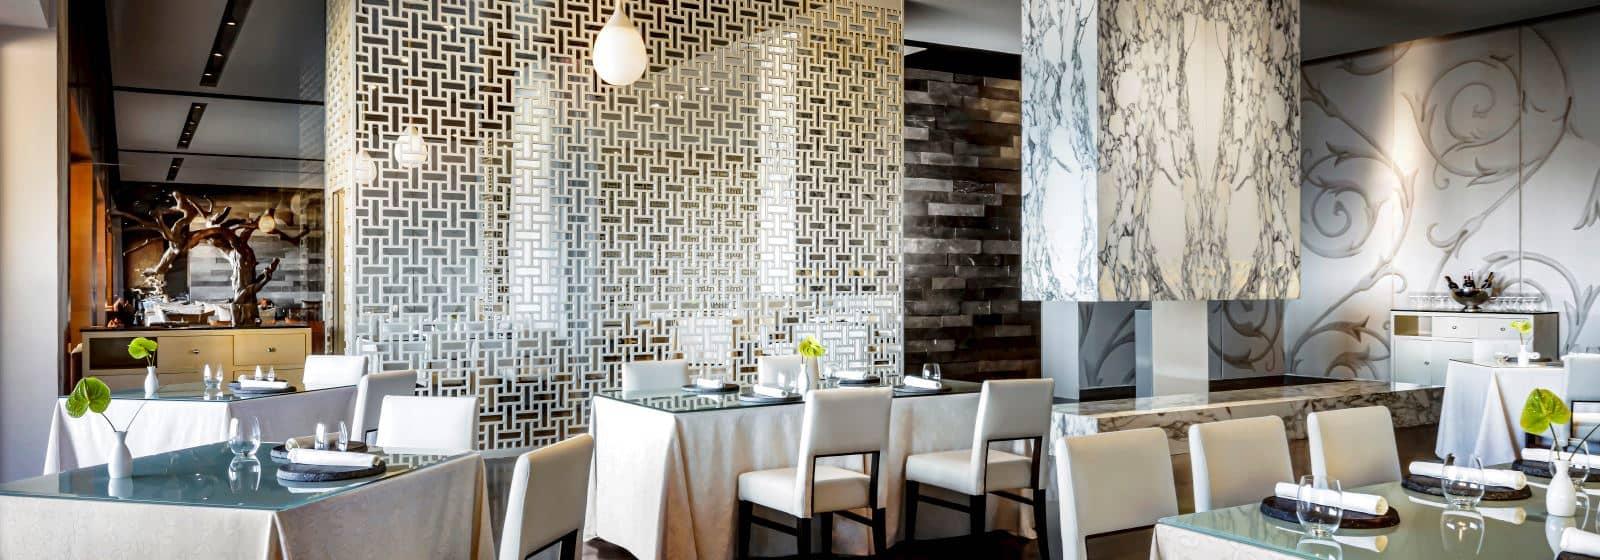 Grand Velas Riviera Maya - Restaurante Cocina de Autor